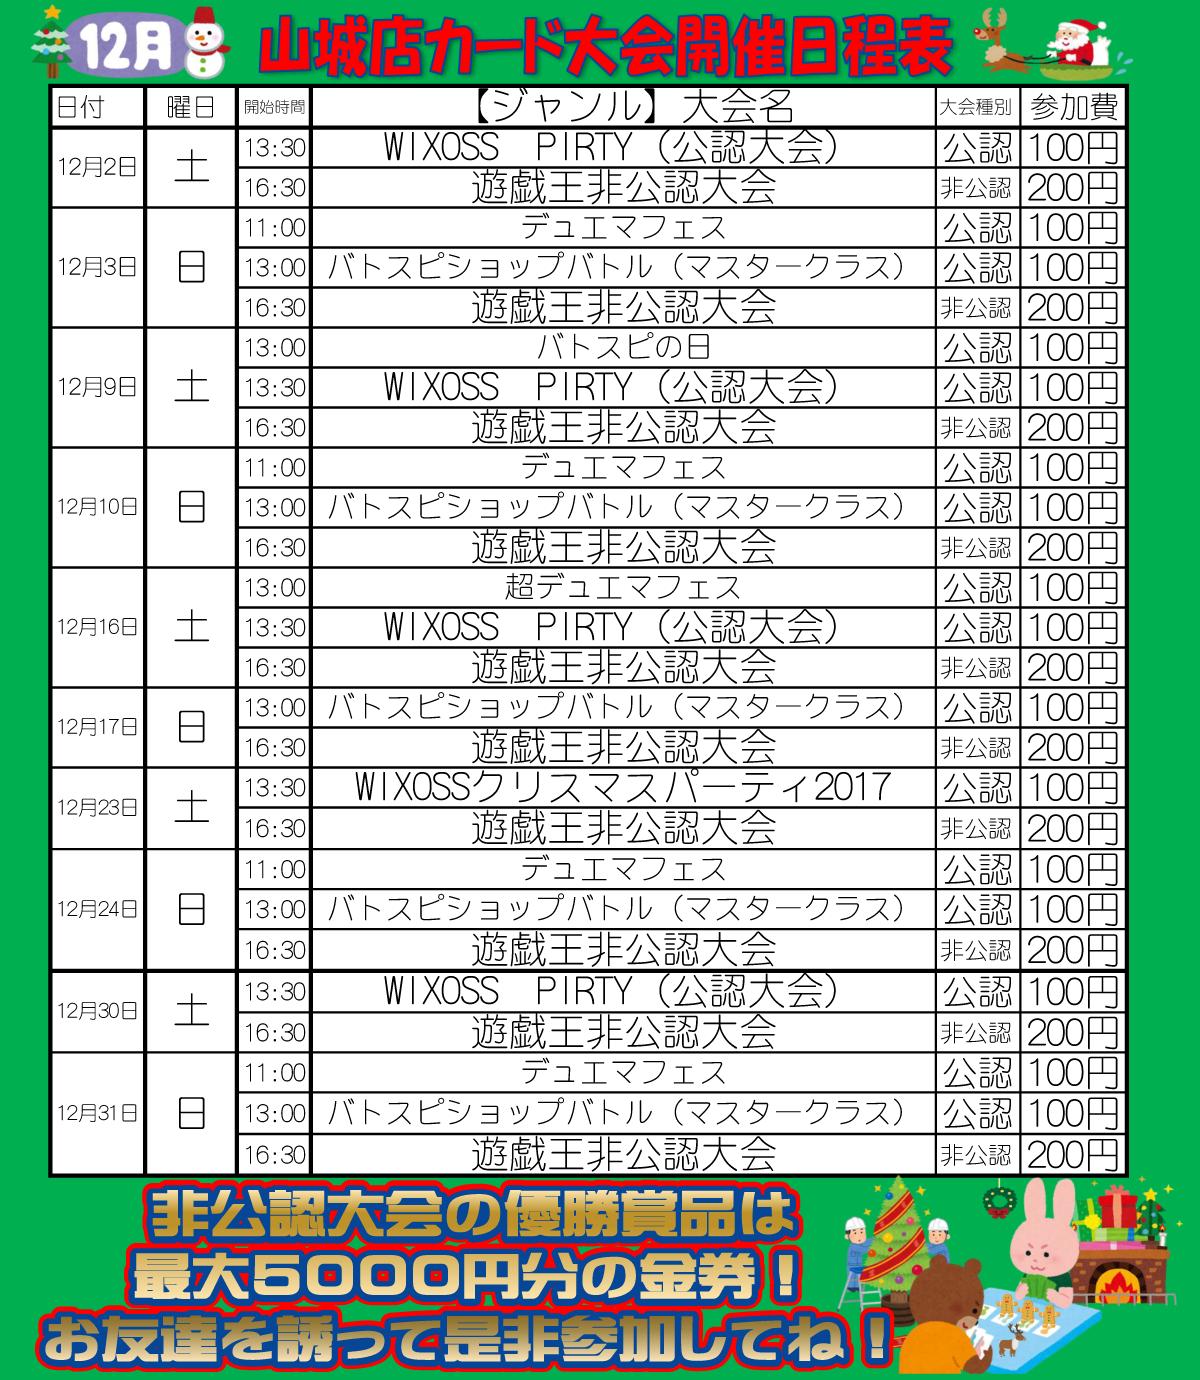 「開放倉庫山城店」カードコーナー12月の大会開催日程表を更新しました!